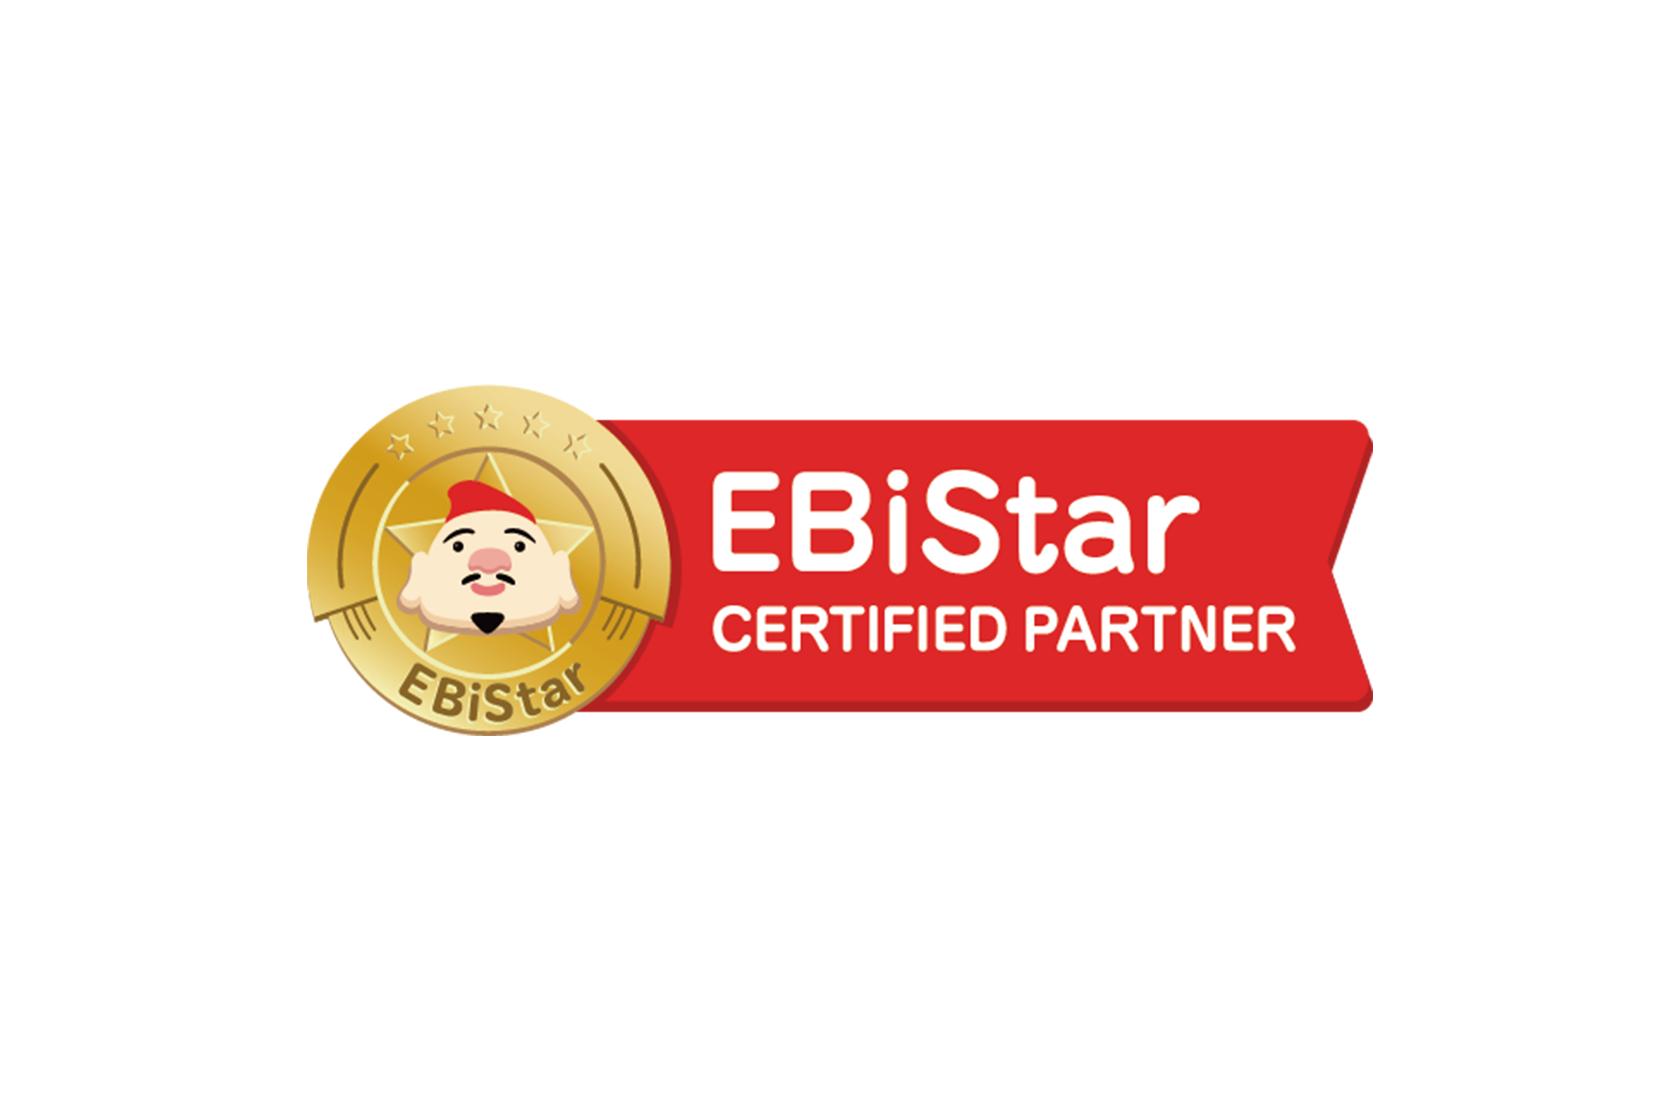 アドエビスの認定資格「EBiStar」を取得し、EBiStar認定パートナーとしてご紹介いただきました